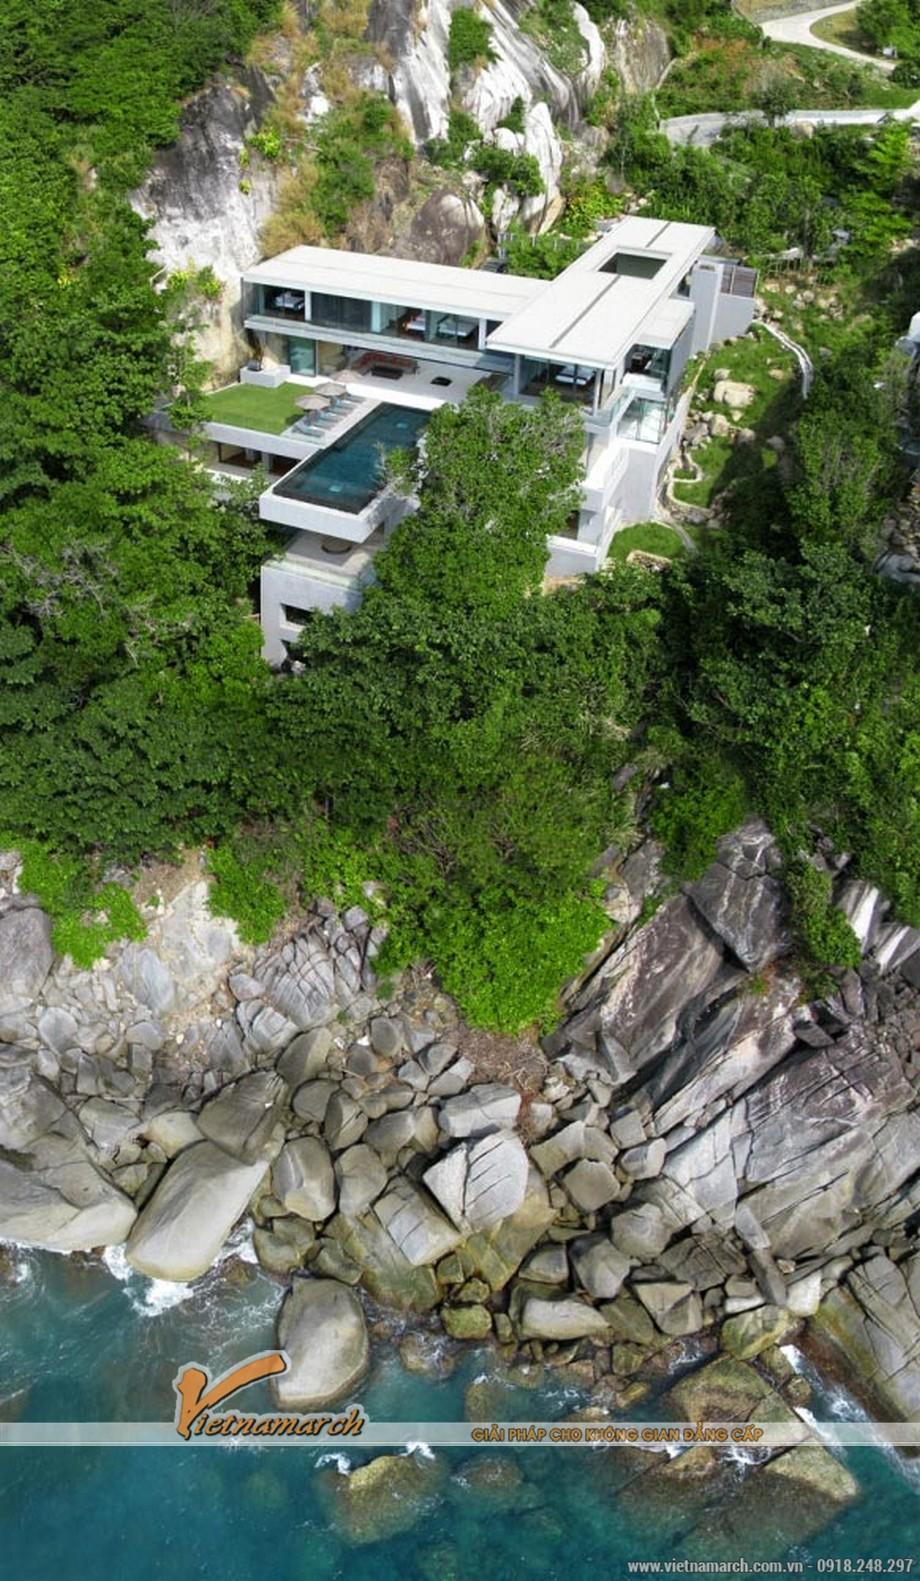 Ngất ngây với vẻ đẹp của ngôi biệt thự bên cạnh vách núi hùng vĩ